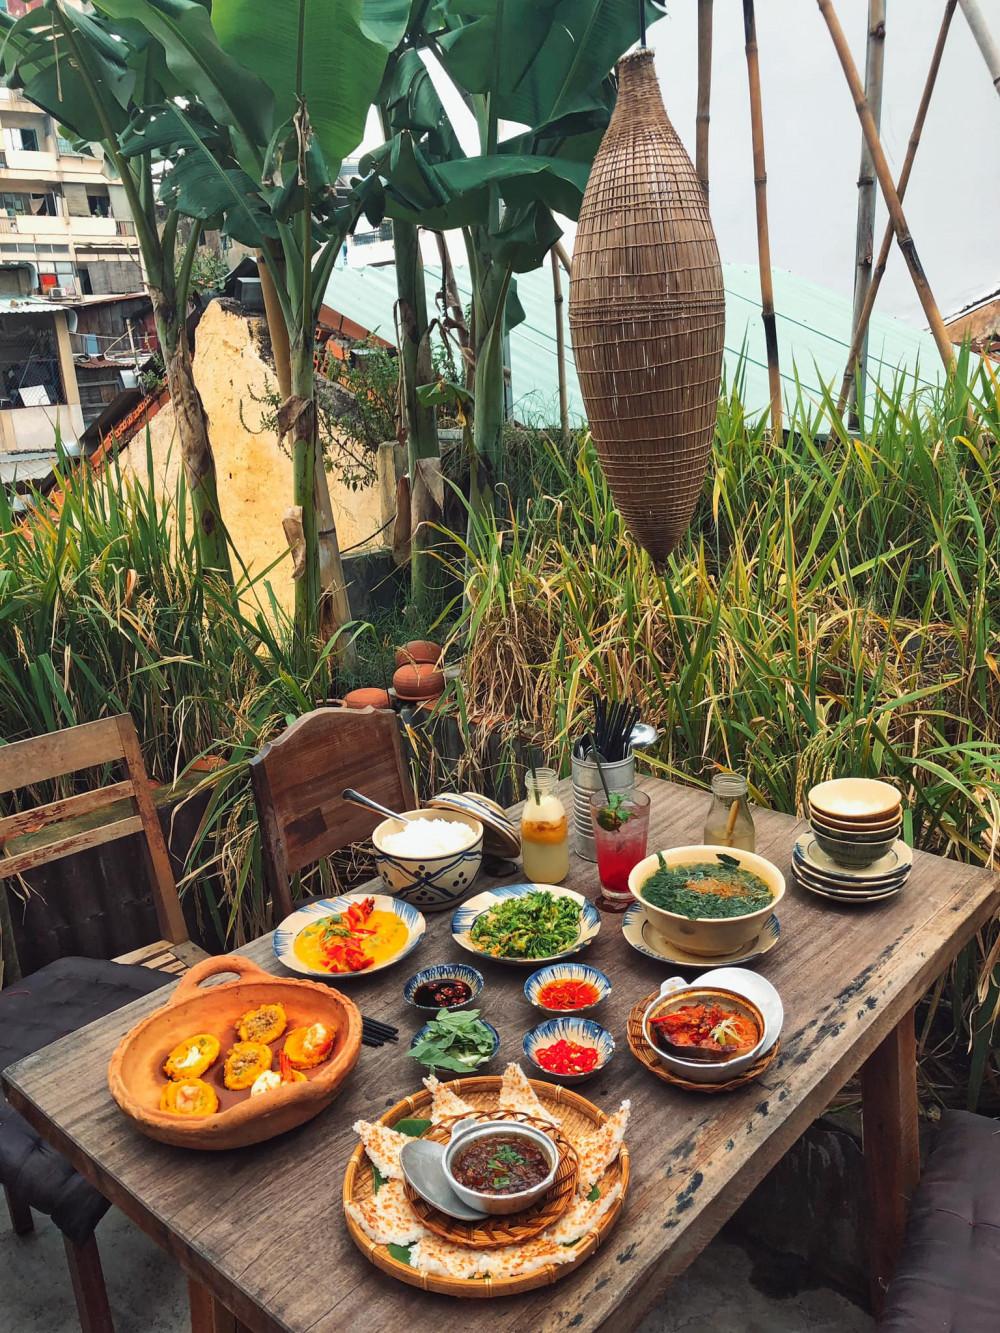 4. Rice Field Địa chỉ: 75 Hồ Tùng Mậu, Bến Nghé, Quận 1, Hồ Chí Minh Nằm ngay trên con đường sầm uất của thành thị, Rice Field khiến cho bạn không khó để tìm kiếm. Nhà hàng nép mình trong sự hoài cổ của làng quê lúa nước, đậm chất truyền thống Việt Nam.  Với không khí được thiết kế theo phong cách mộc mạc và ấm cúng. Các món ăn có giá không quá đắt so với các nhà hàng khác. Hơn nữa, đồ ăn nơi đây cũng rất phong phú, được chế biến tỉ mỉ và trình bày vô cùng đẹp mắt.